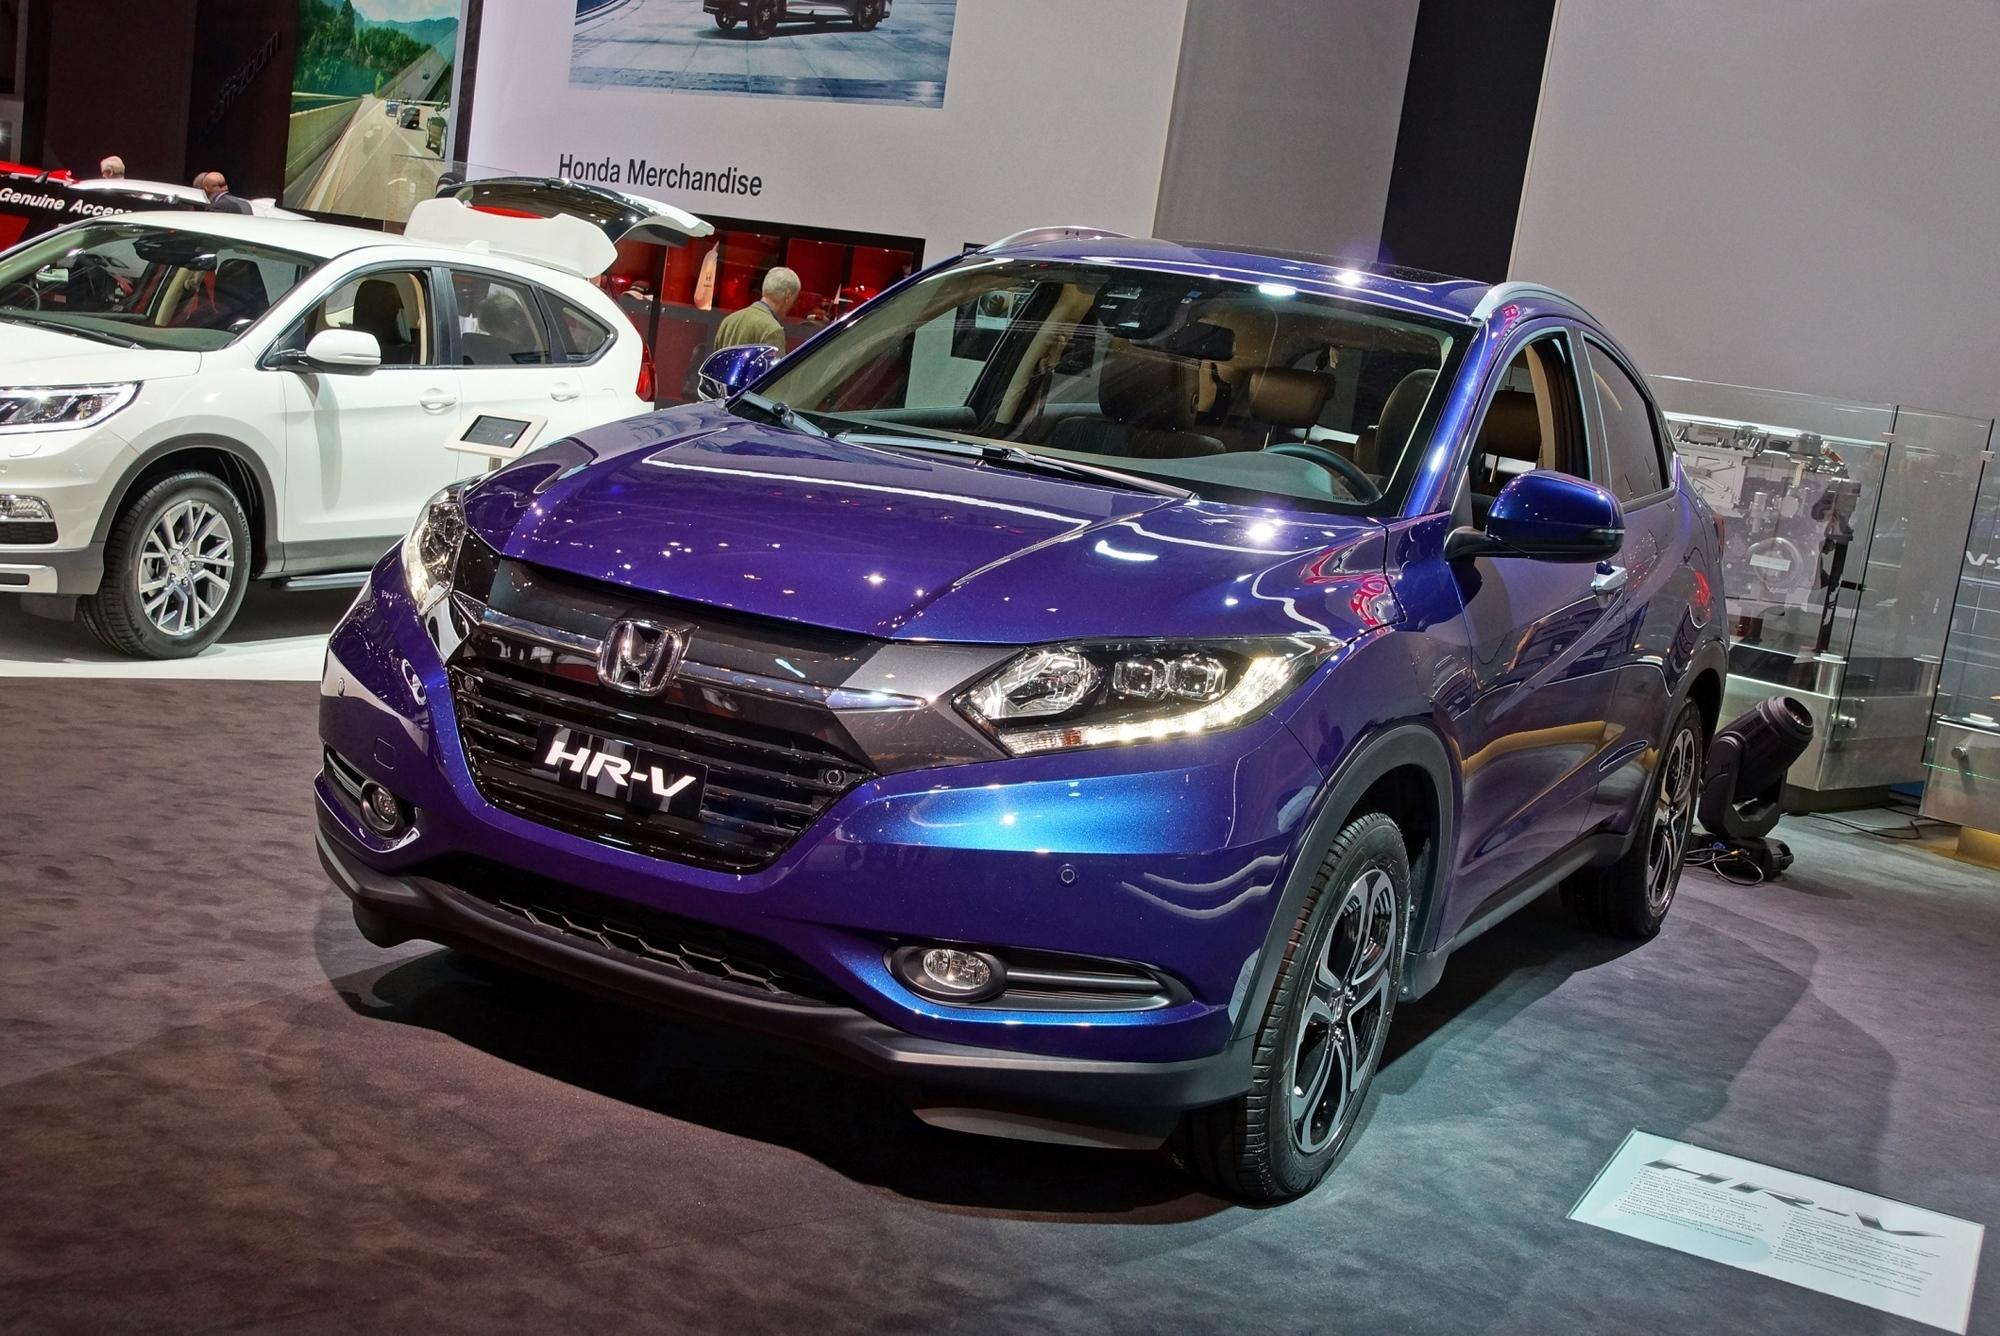 Automobiler Trend - Die Nischisierung des SUV